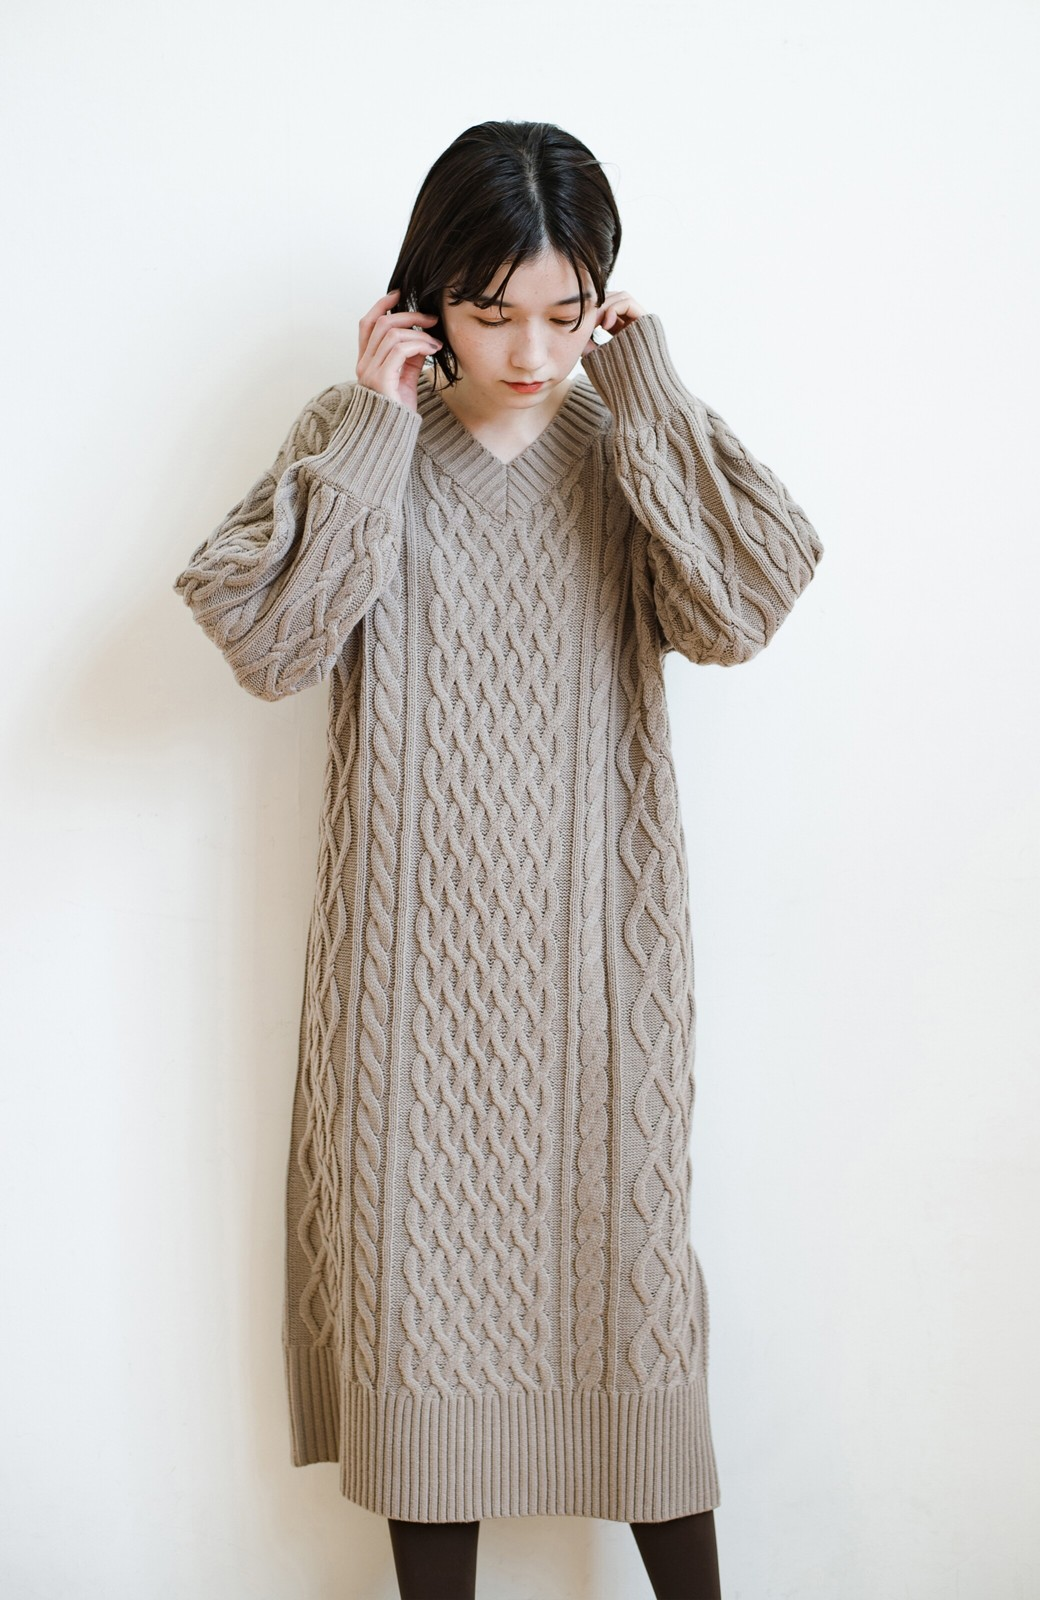 haco! パッと着て絶妙に女っぽい 重ね着にも便利なケーブルニットワンピース <グレイッシュベージュ>の商品写真23